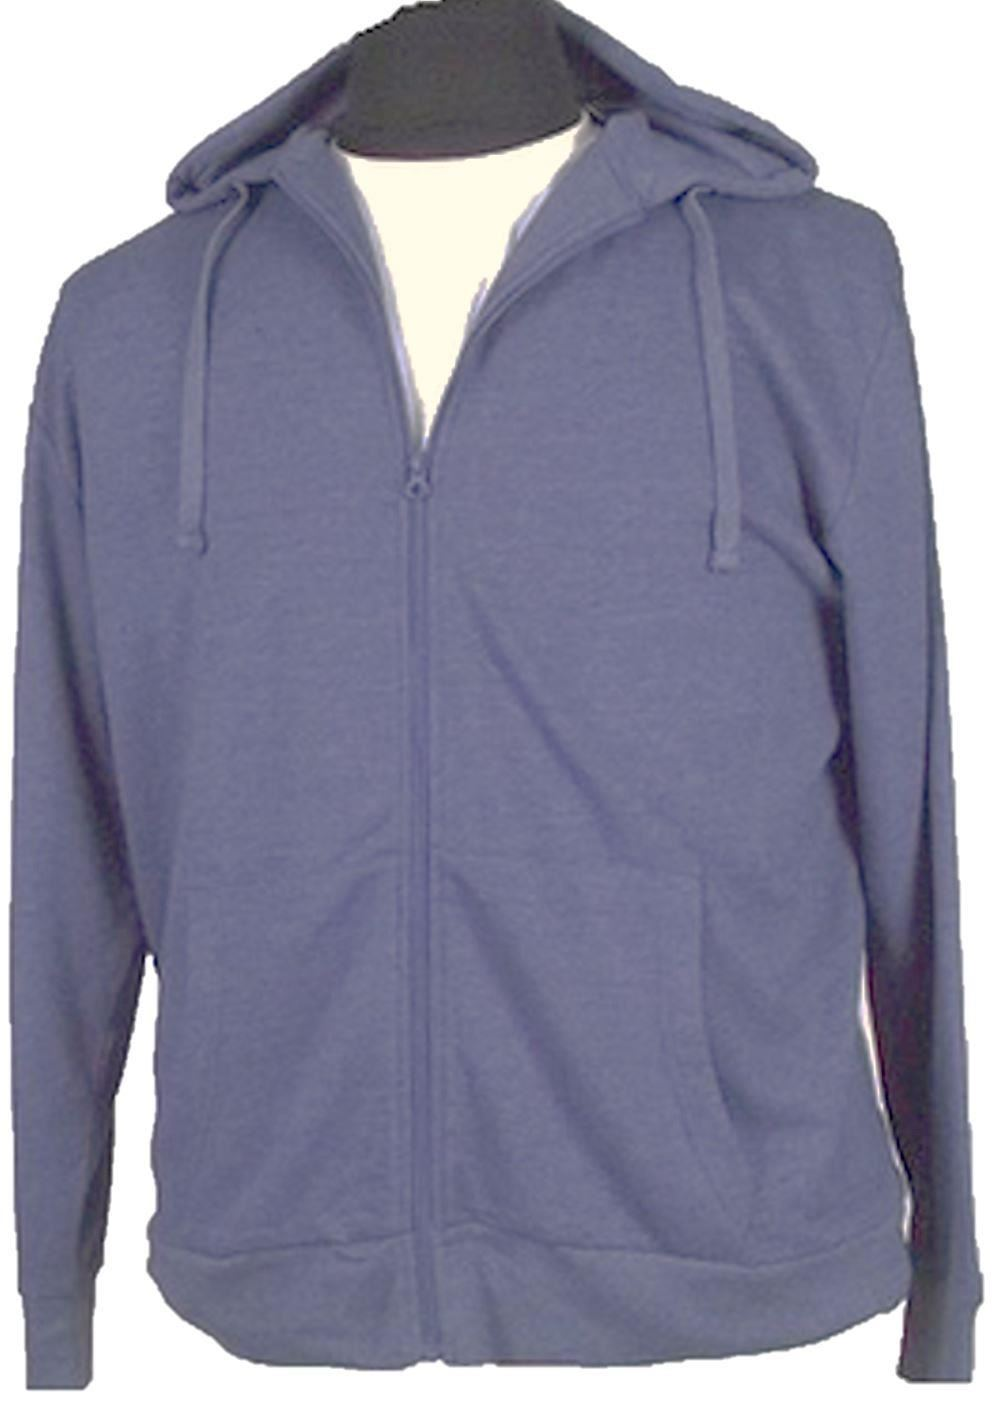 Mens 4xl hoodies